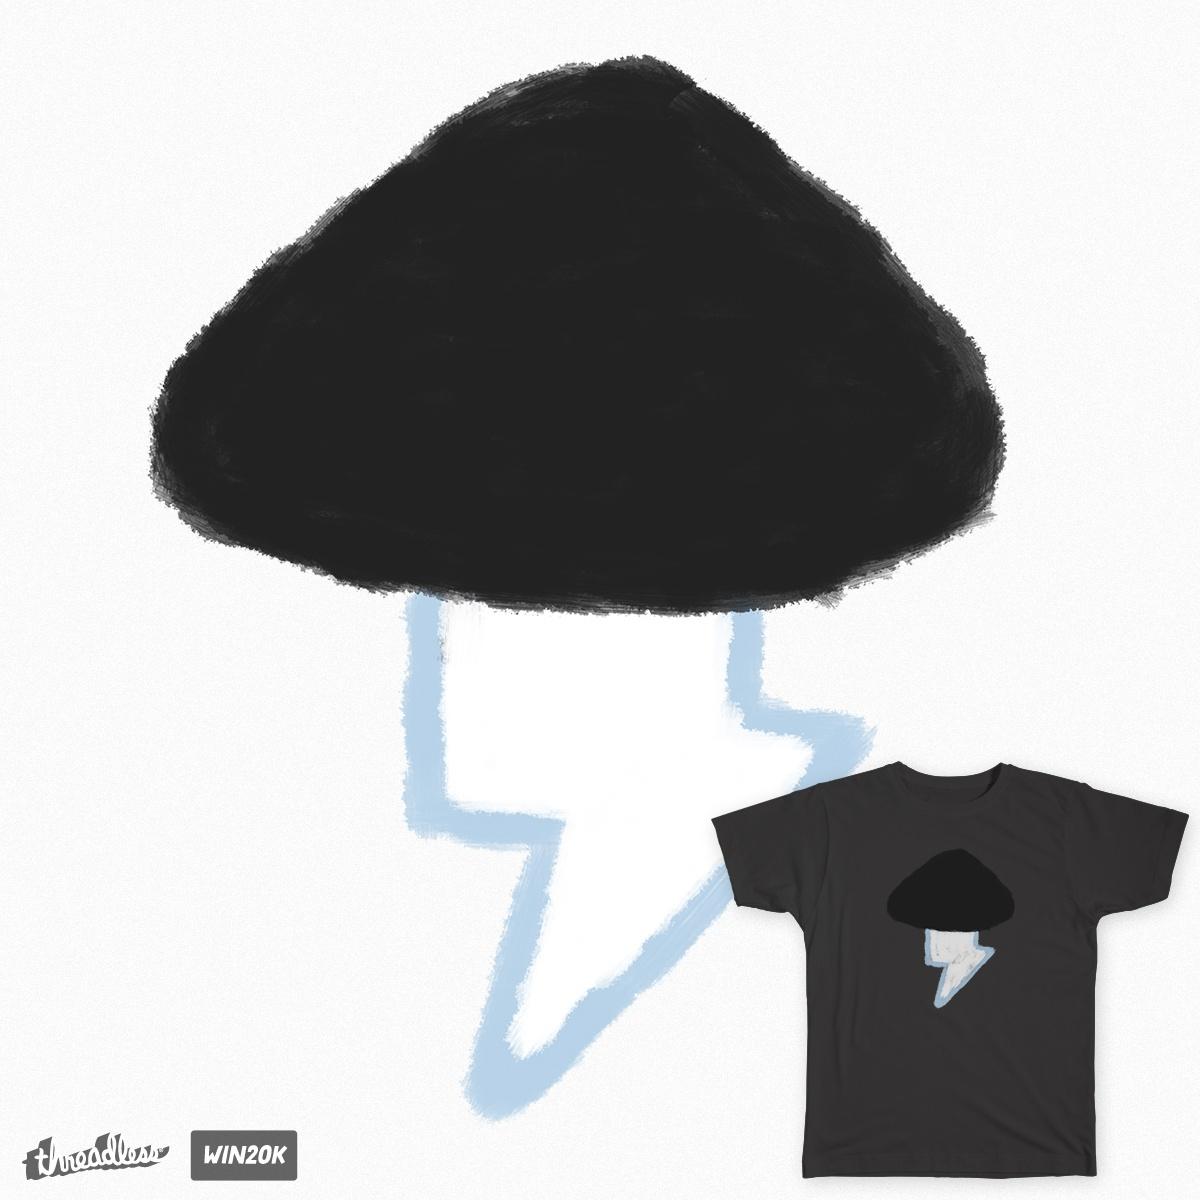 Lightningshroom by Jahmonkey on Threadless